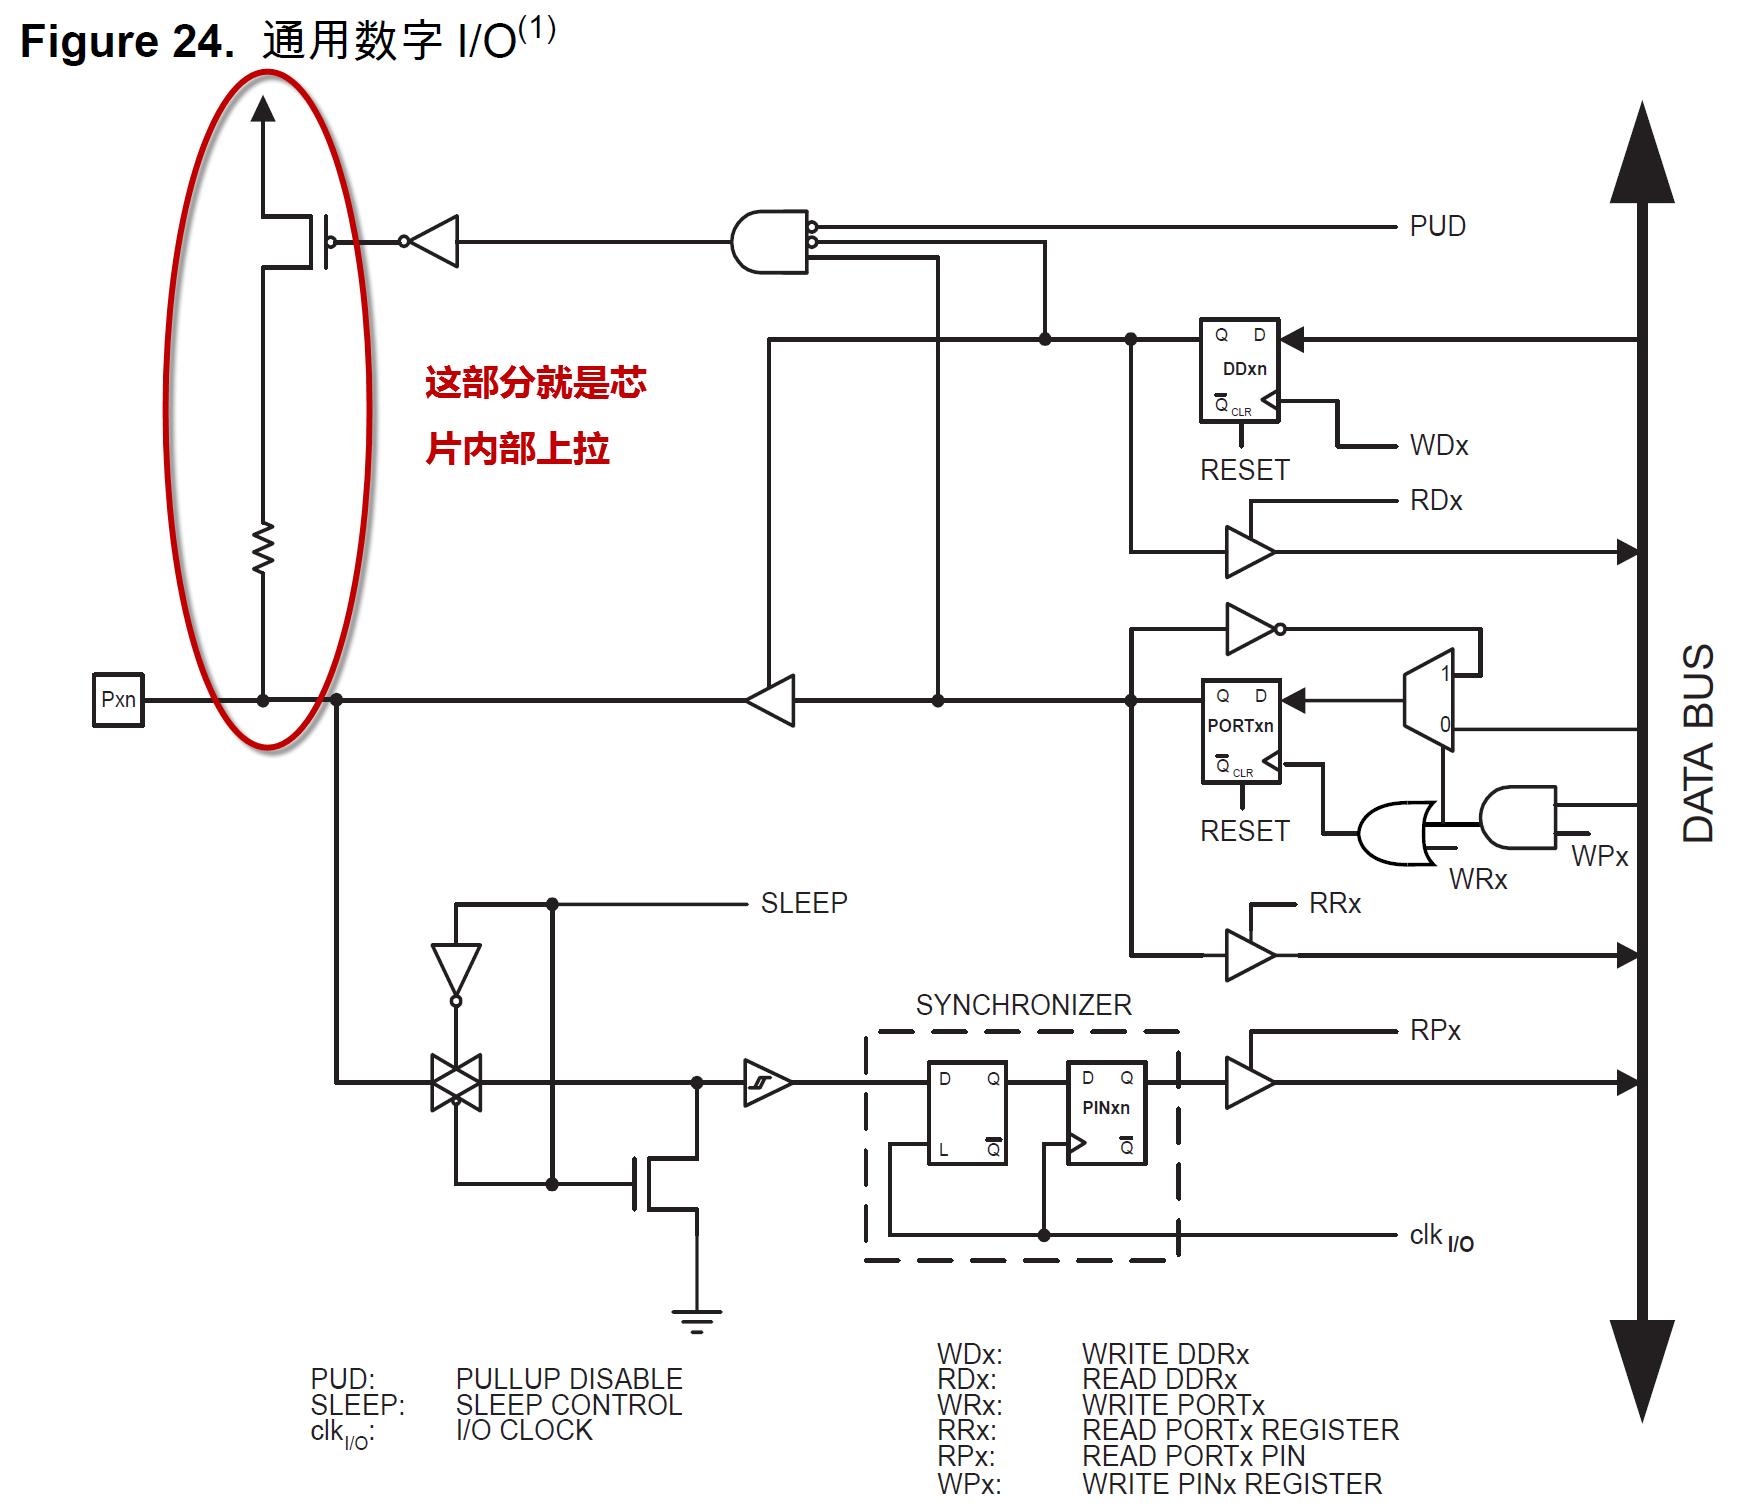 """可以看到,按键部分去掉上拉电阻后将变的非常简单 程序如下 [pre lang=""""arduino"""" line=""""1""""]/* 作者:极客工坊 时间:2012年12月18日 IDE版本号:1.0.1 发布地址:www.geek-workshop.com 作用:使用单片机内部上拉实现按键功能 */ void setup () { pinMode(2,INPUT_PULLUP); //将2号管脚设置为输入并且内部上拉模式 pinMode(12,OUTPUT); } void"""